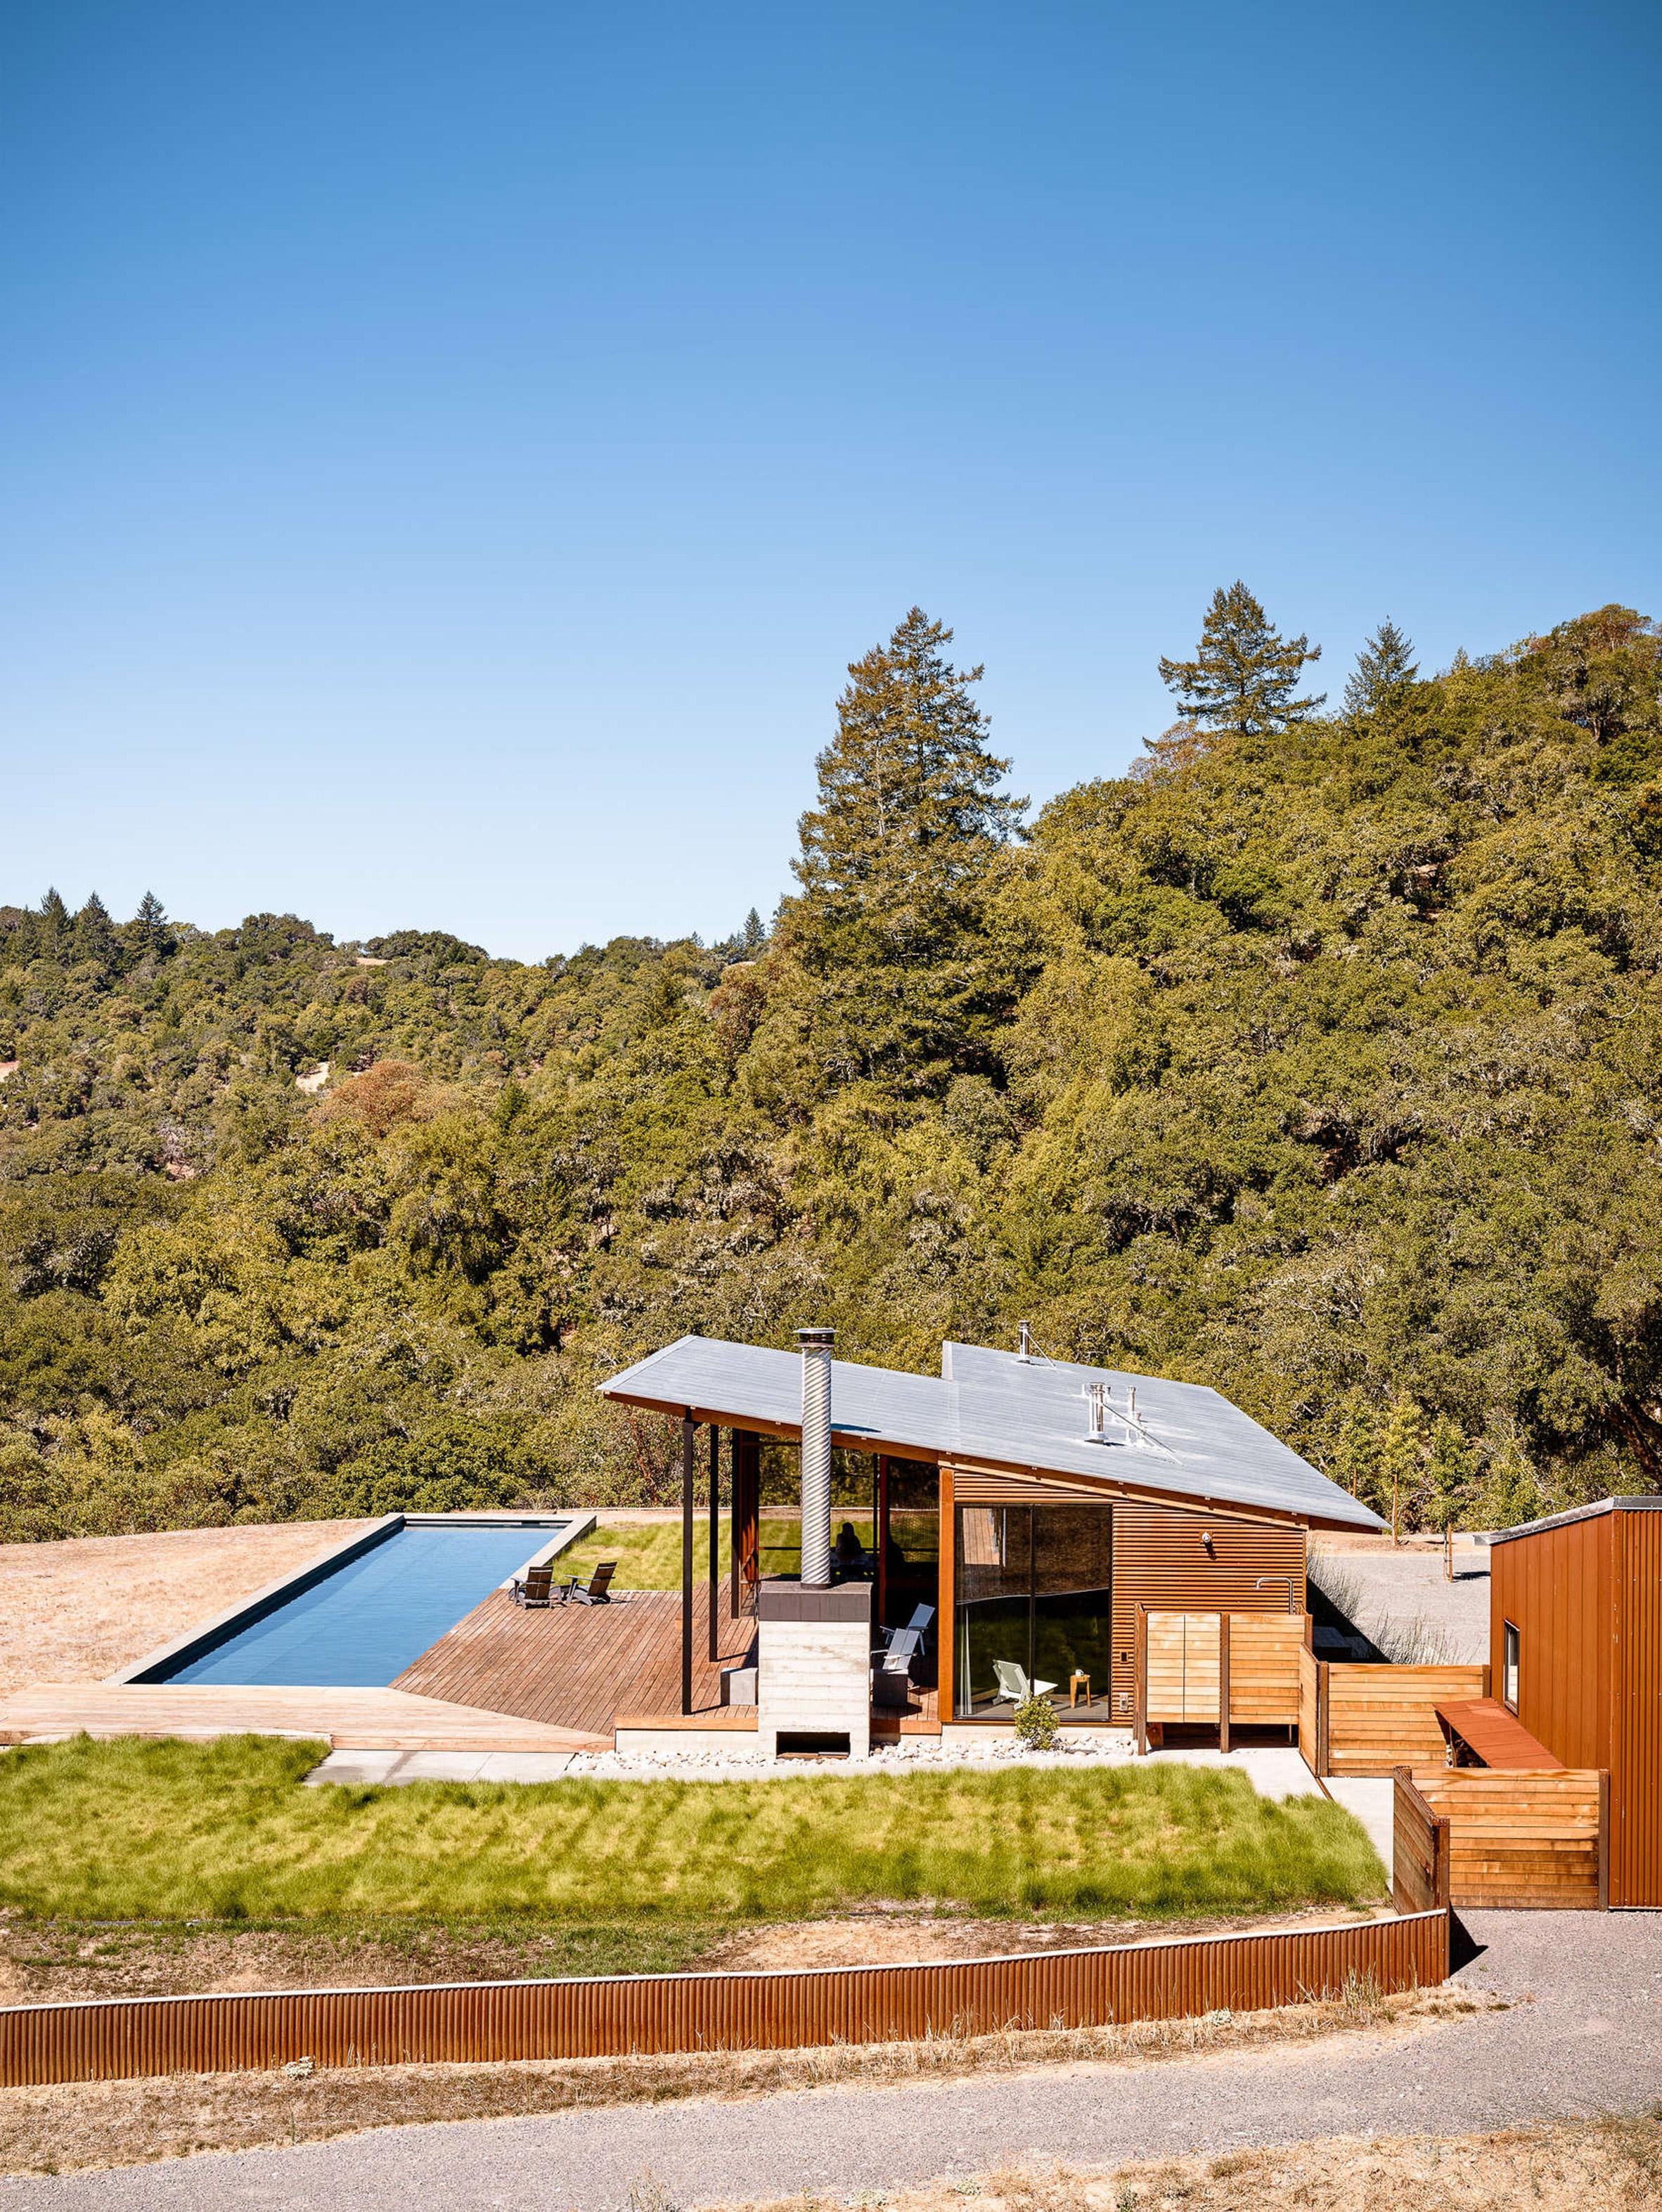 Malcolm Davis creates off-grid retreat in California wine valley